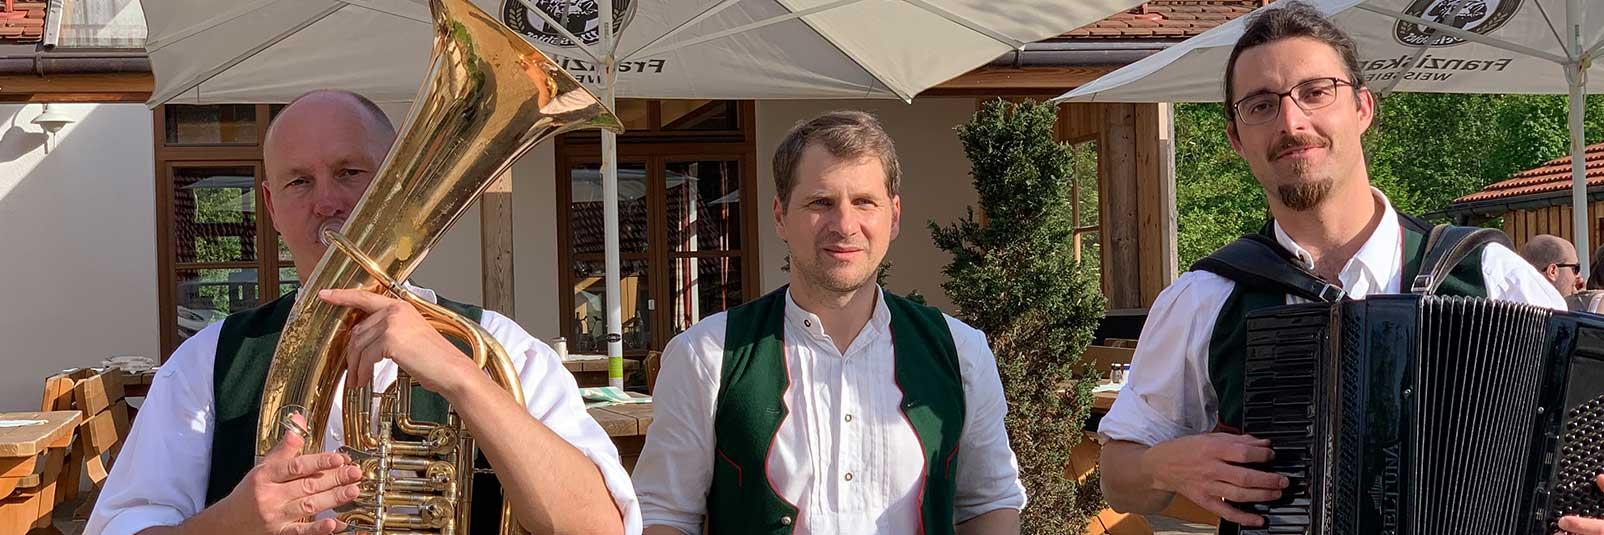 Auf bayerischen Abenden mit der BoarischGang